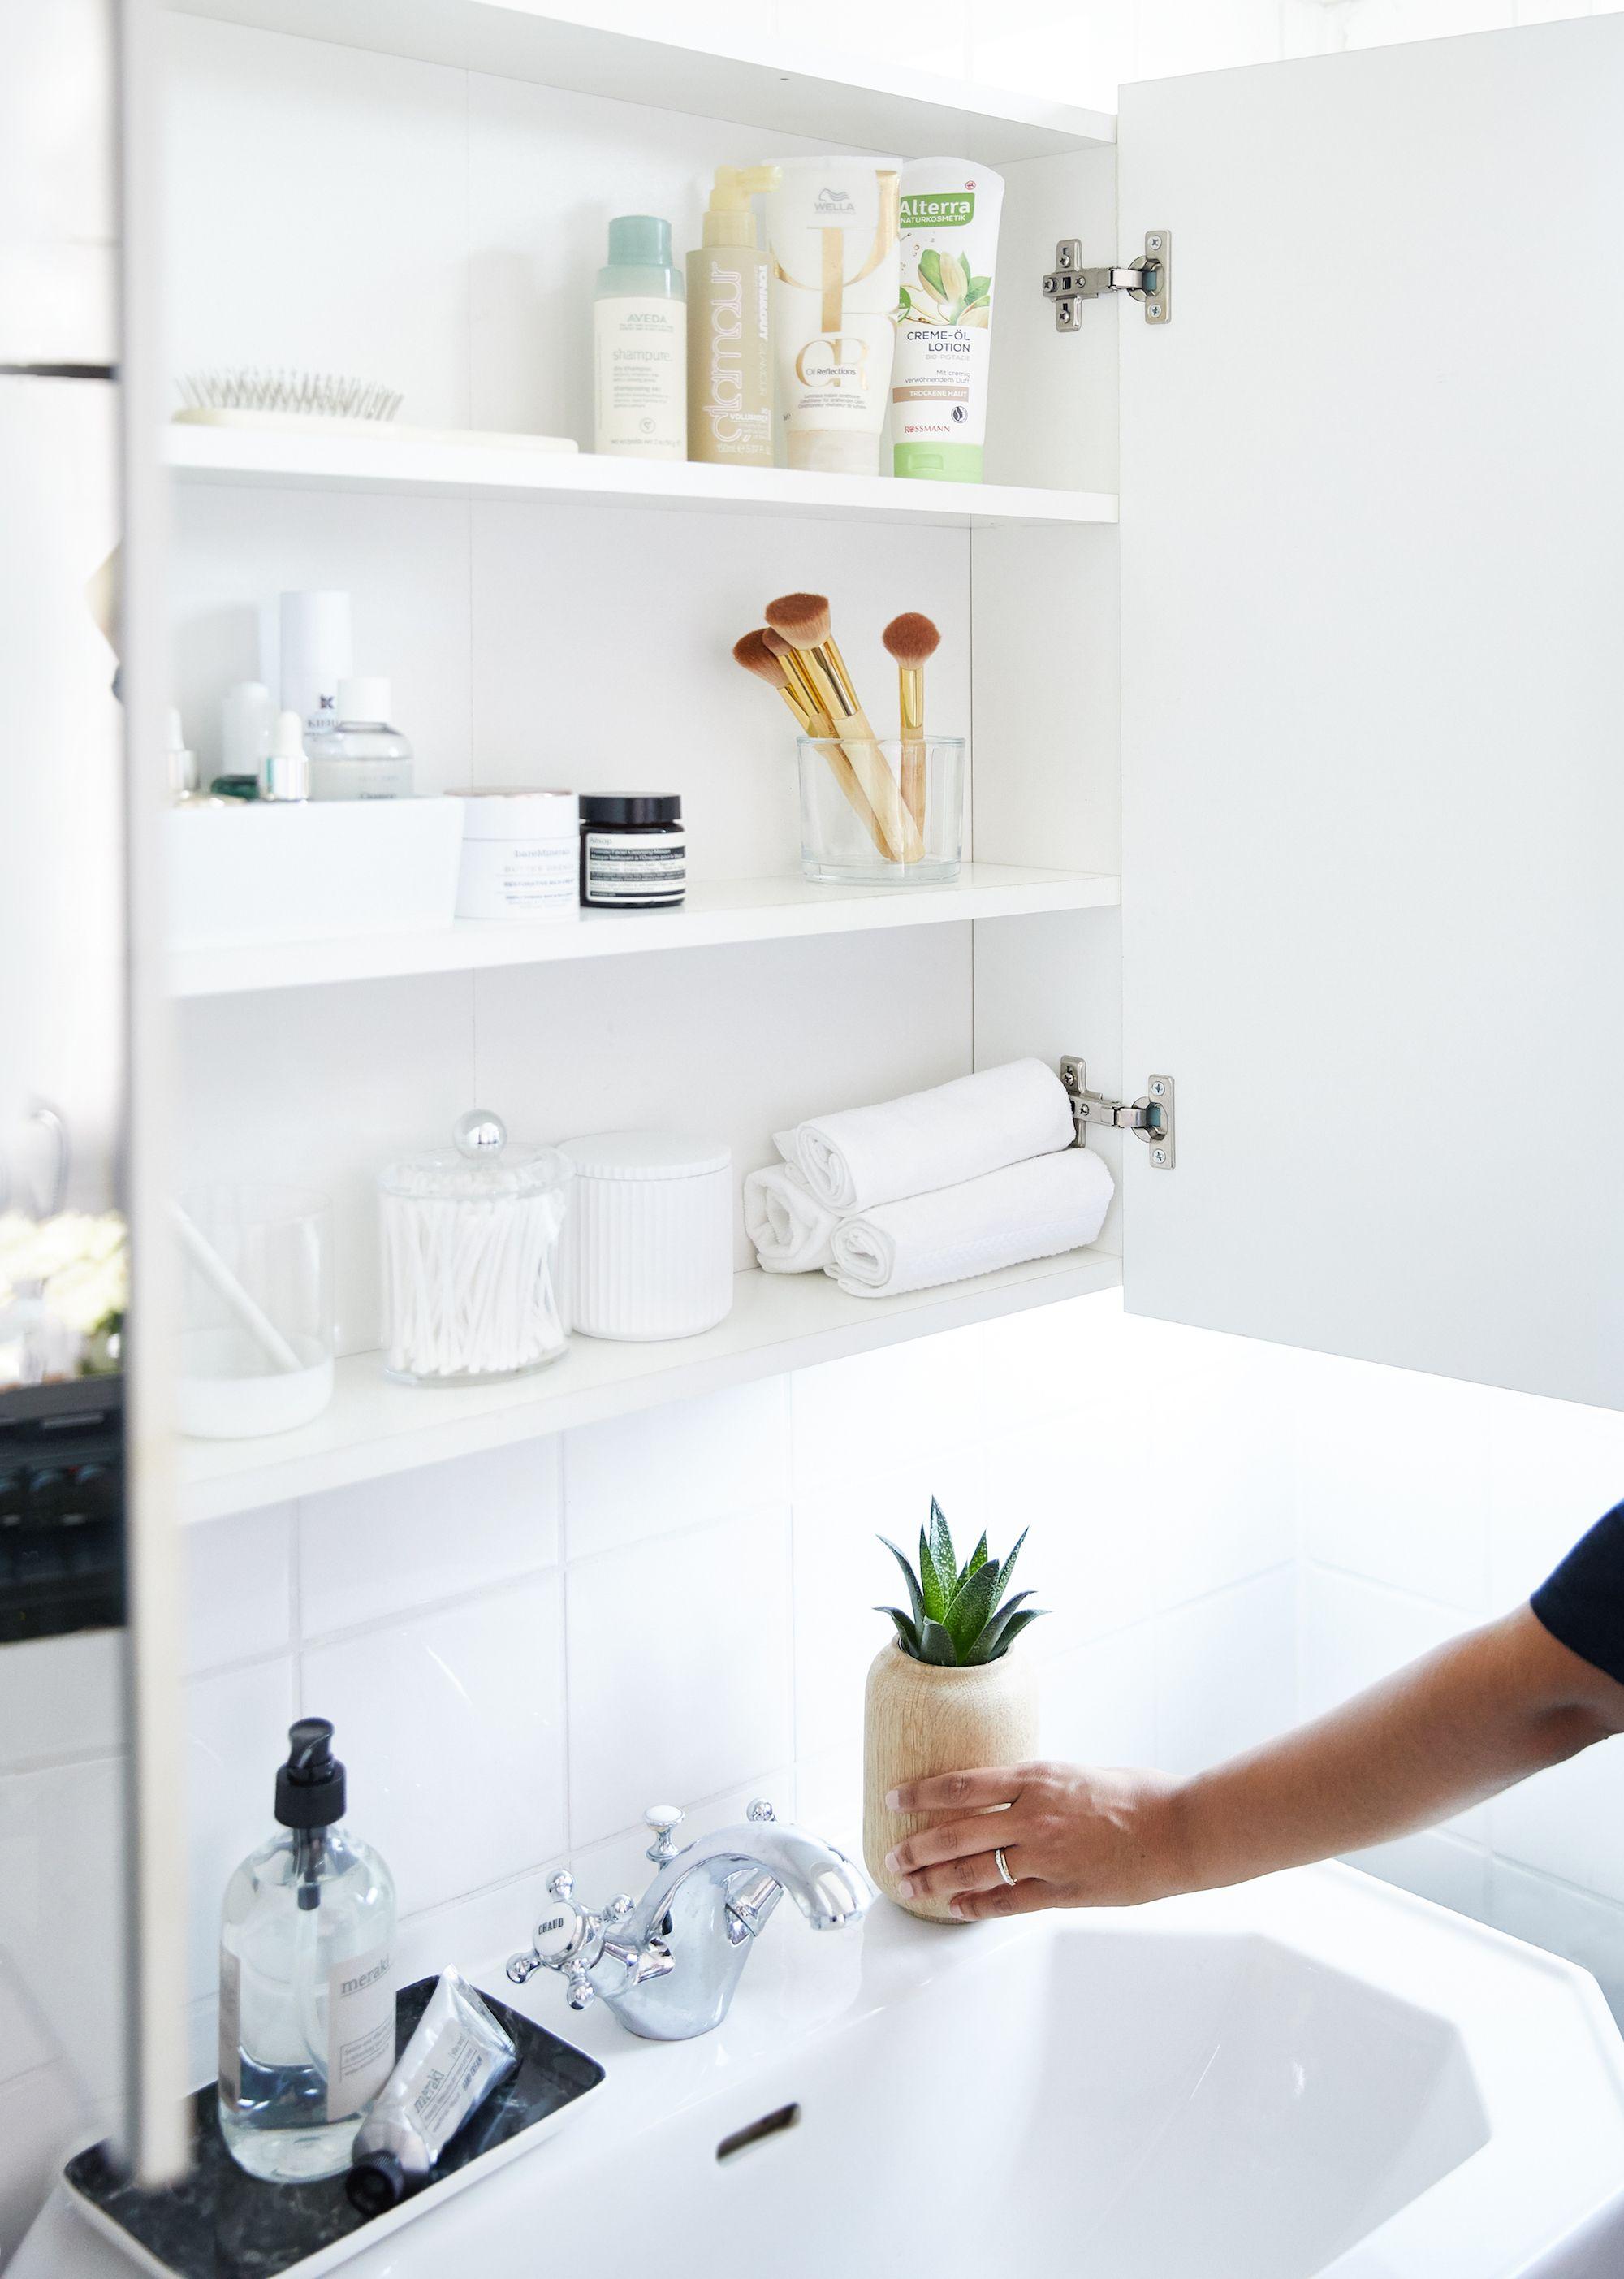 Unsere Tipps Fur Einen Organisierten Badschrank 1 Nur Produkte Fur Den Taglichen Gebrauch Im Spiegelschrank Platzie Badaccessoires Badschrank Spiegelschrank